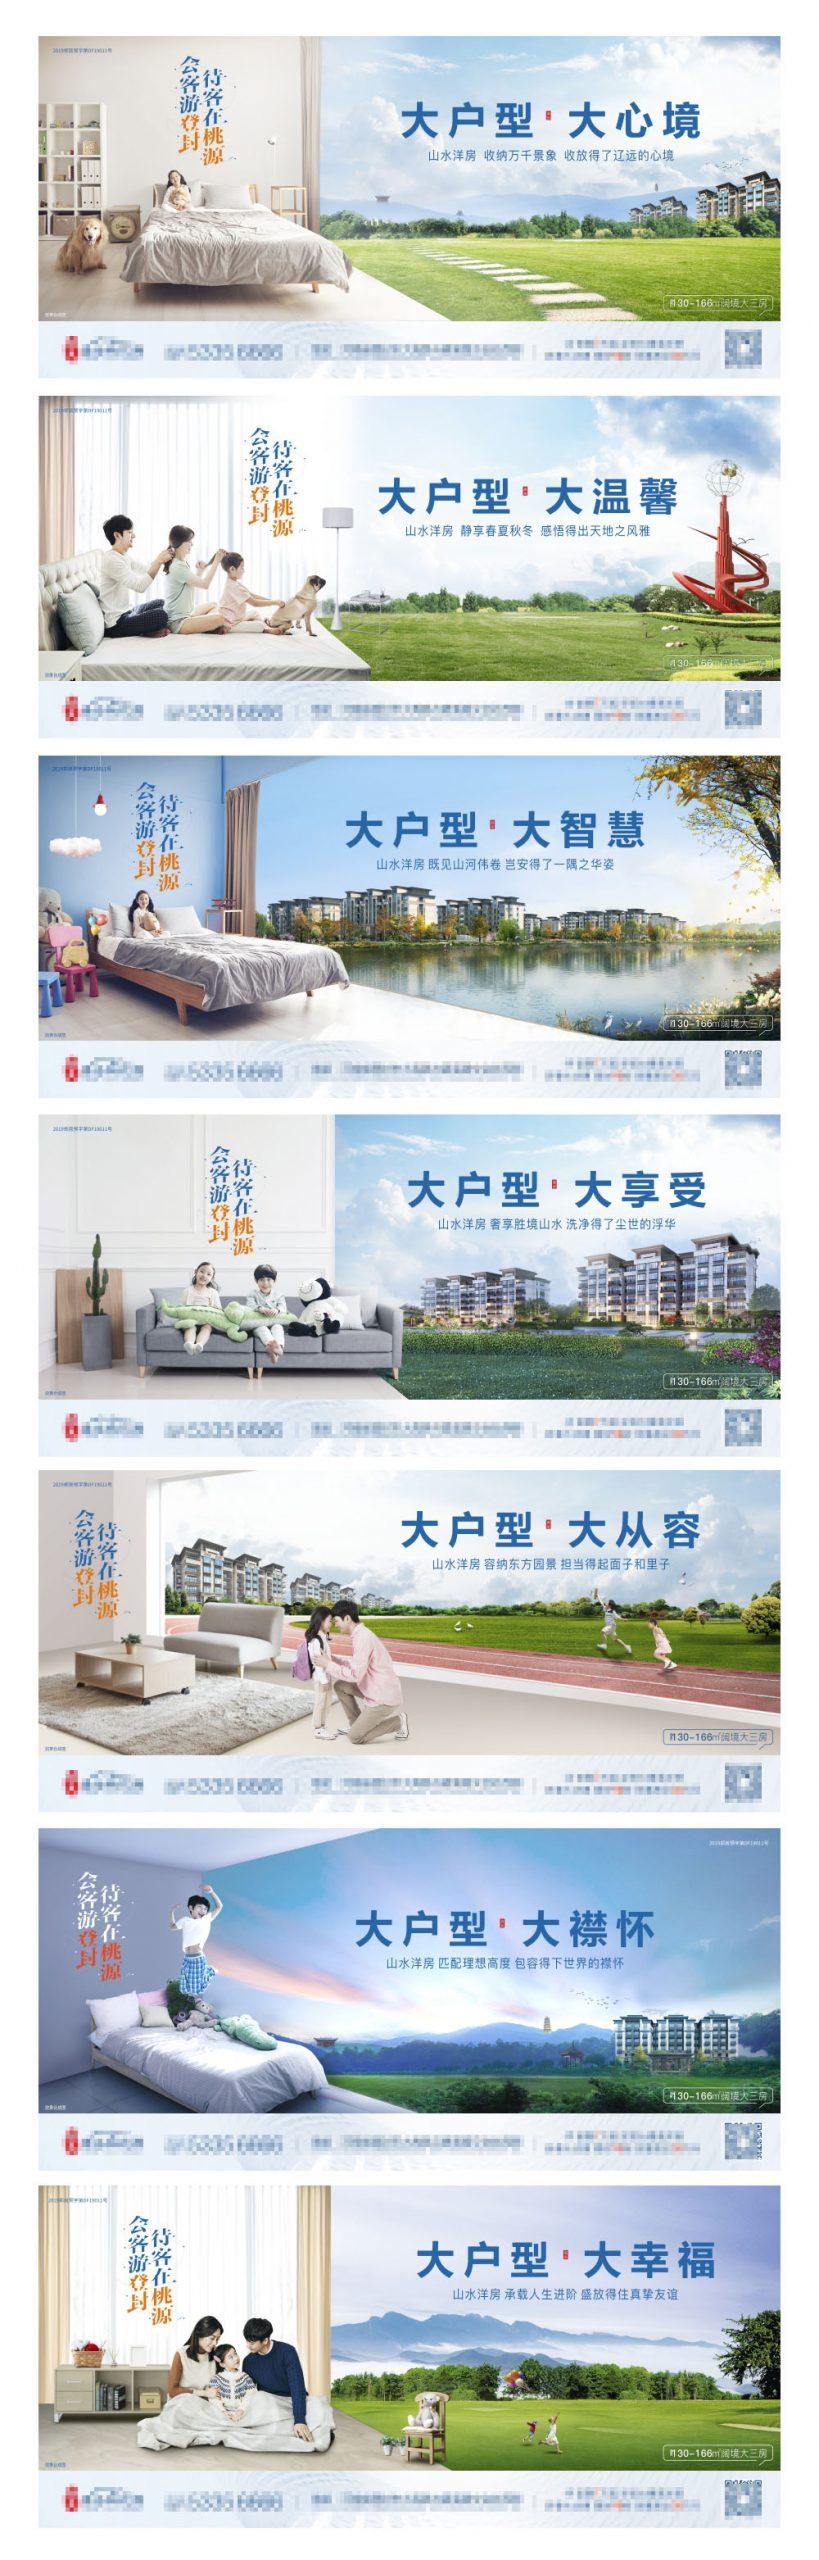 地产户型价值点系列海报展板CDR源文件插图